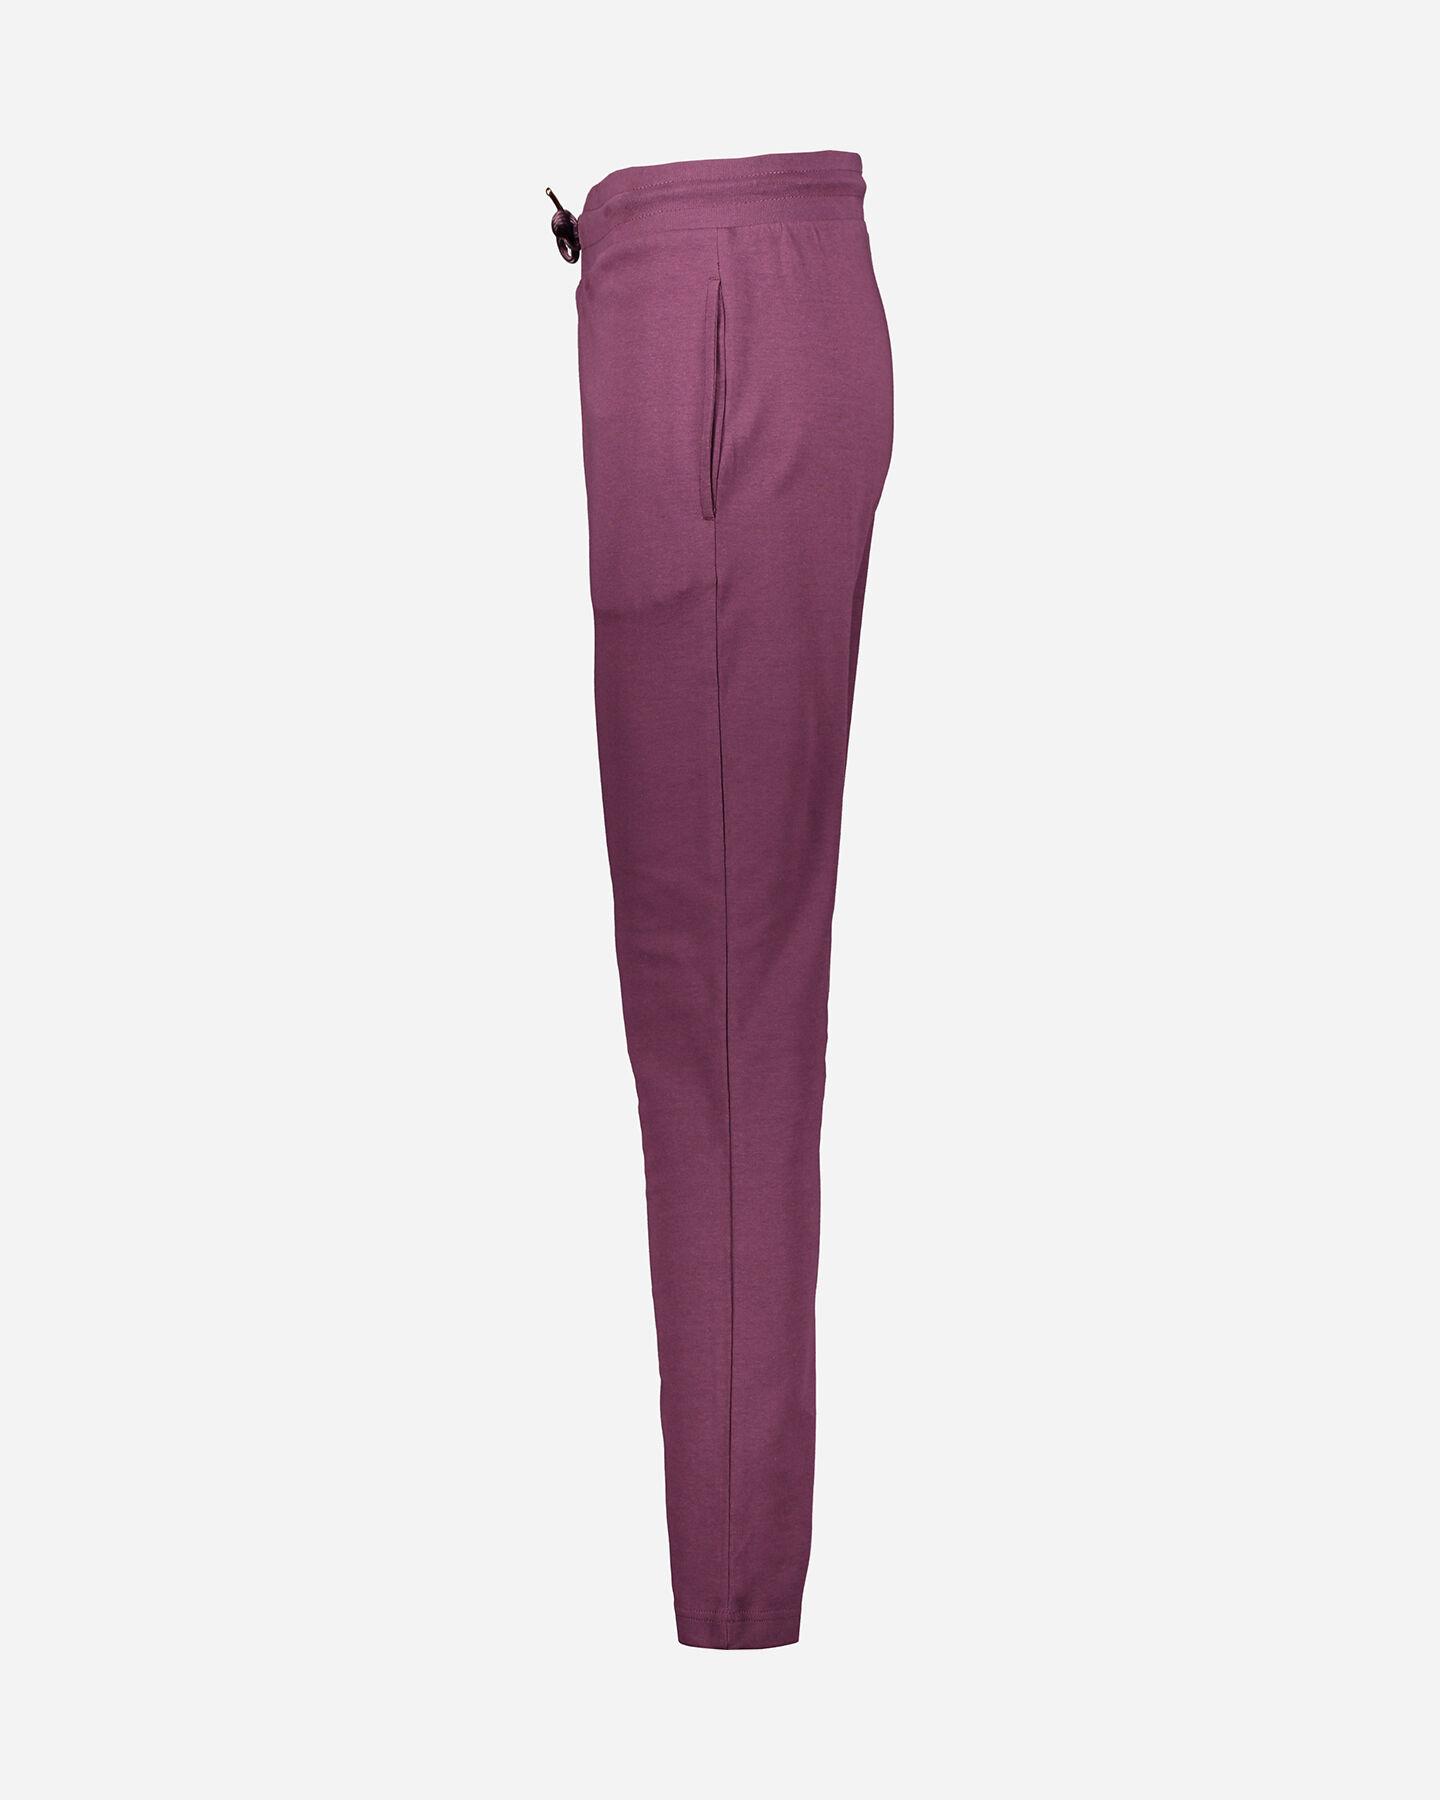 Pantalone ADMIRAL CLASSIC W S4075387 scatto 1